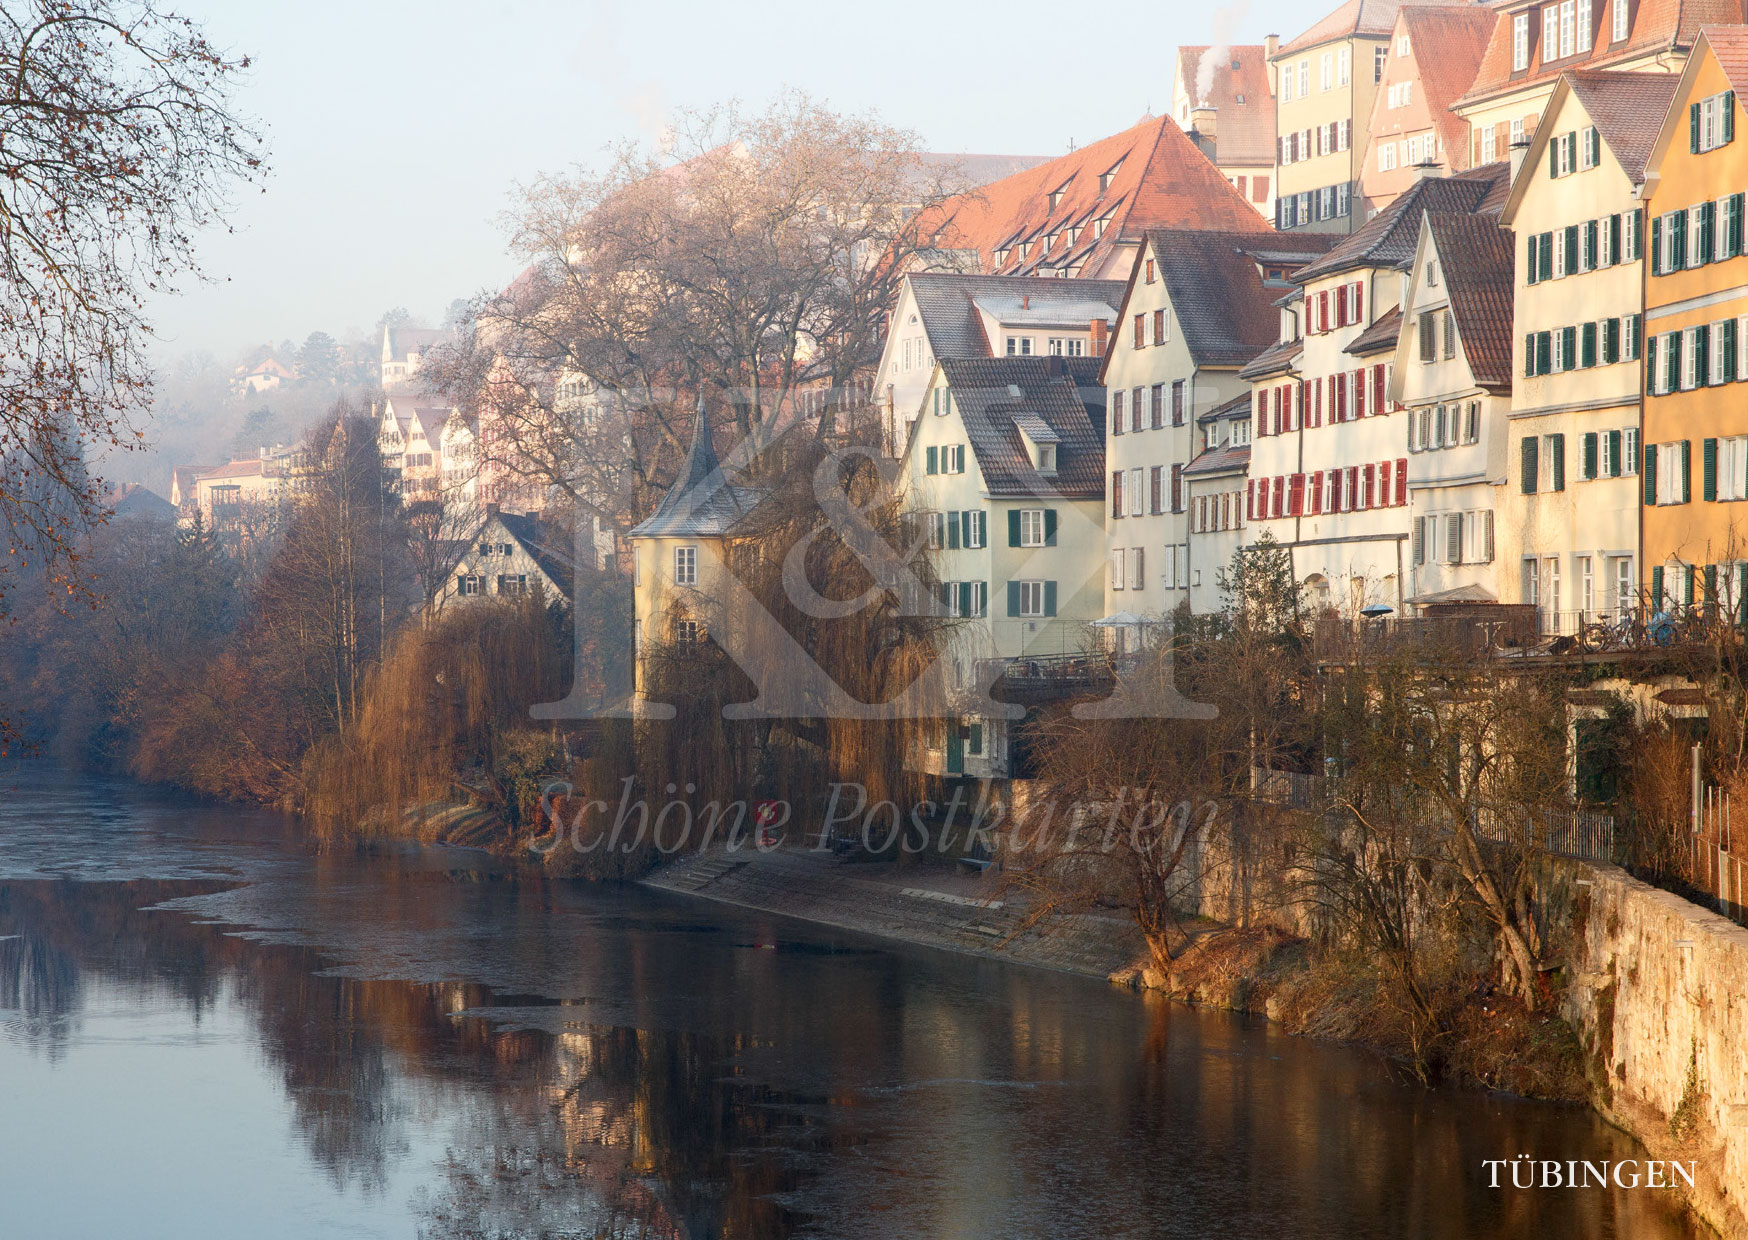 Schöne Postkarte Nr. 91 · Tübingen, Neckarfront · © 2017